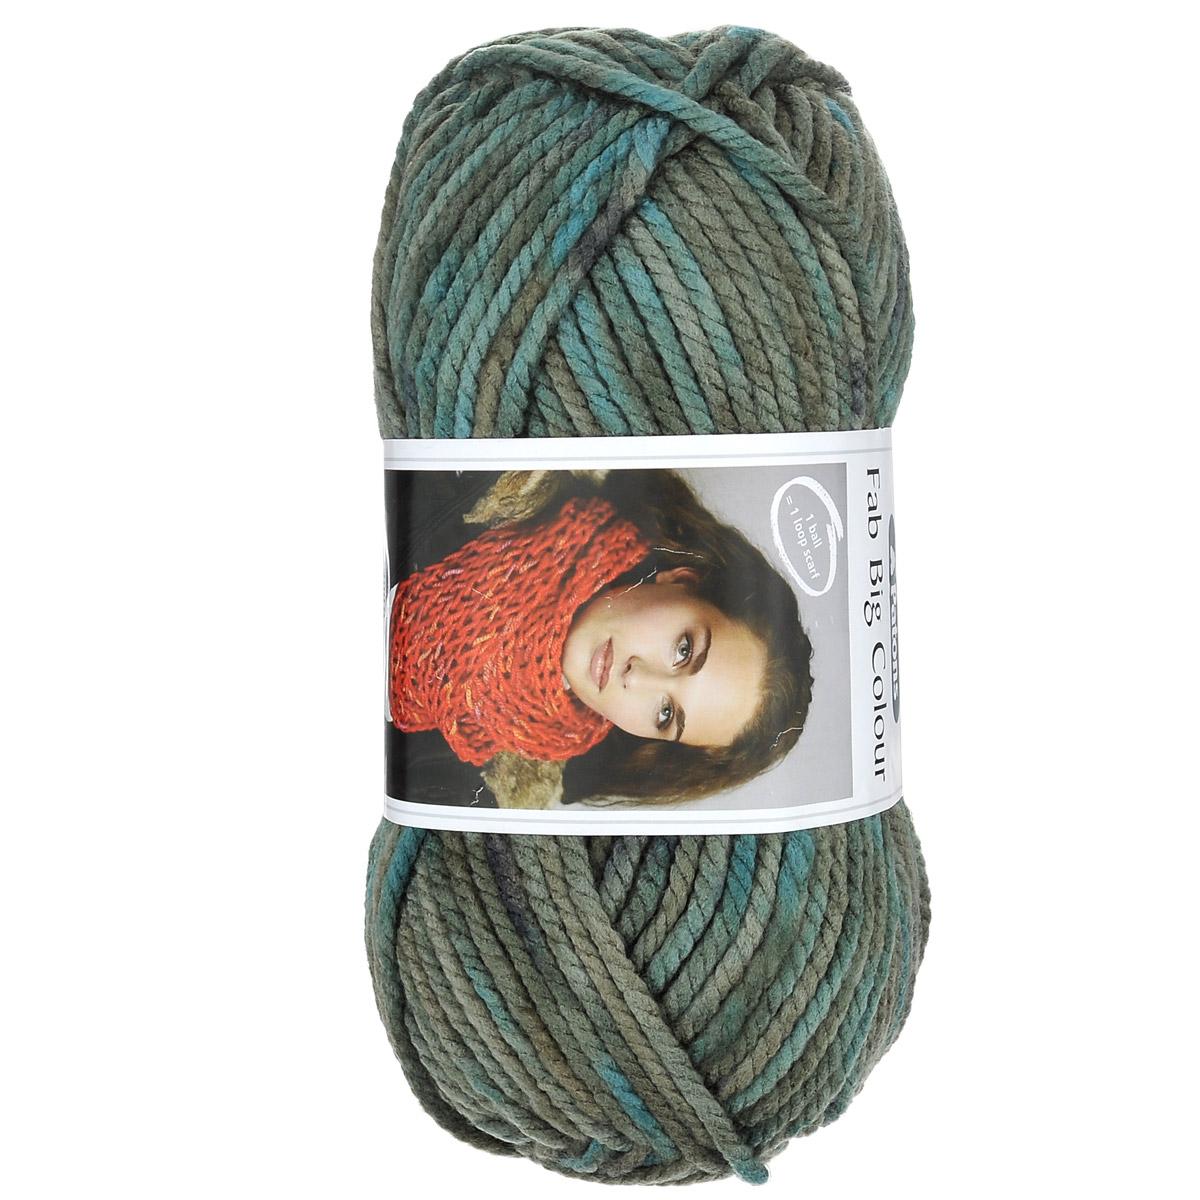 Пряжа для вязания Patons Fab Big Colour, цвет: бирюзовый, зеленый, синий (00088), 120 м, 200 г. 9806557-000889806557-00088Пряжа для вязания Patons Fab Big Colour - это очень мягкая, объемная пряжа, идеально подойдет для начинающих вязальщиц. Изготовленная из 100% акрила, пряжа создана для аксессуаров: шапок, шарфов, хомутов и детских покрывал. Одного мотка хватит, чтобы связать шарф-снуд. С такой пряжей для ручного вязания вы сможете связать своими руками необычные и красивые вещи. Рекомендованы спицы №10. Толщина нити: 4 мм. Состав: 100% акрил. Вес мотка: 200 г. Длина нити: 120 м.